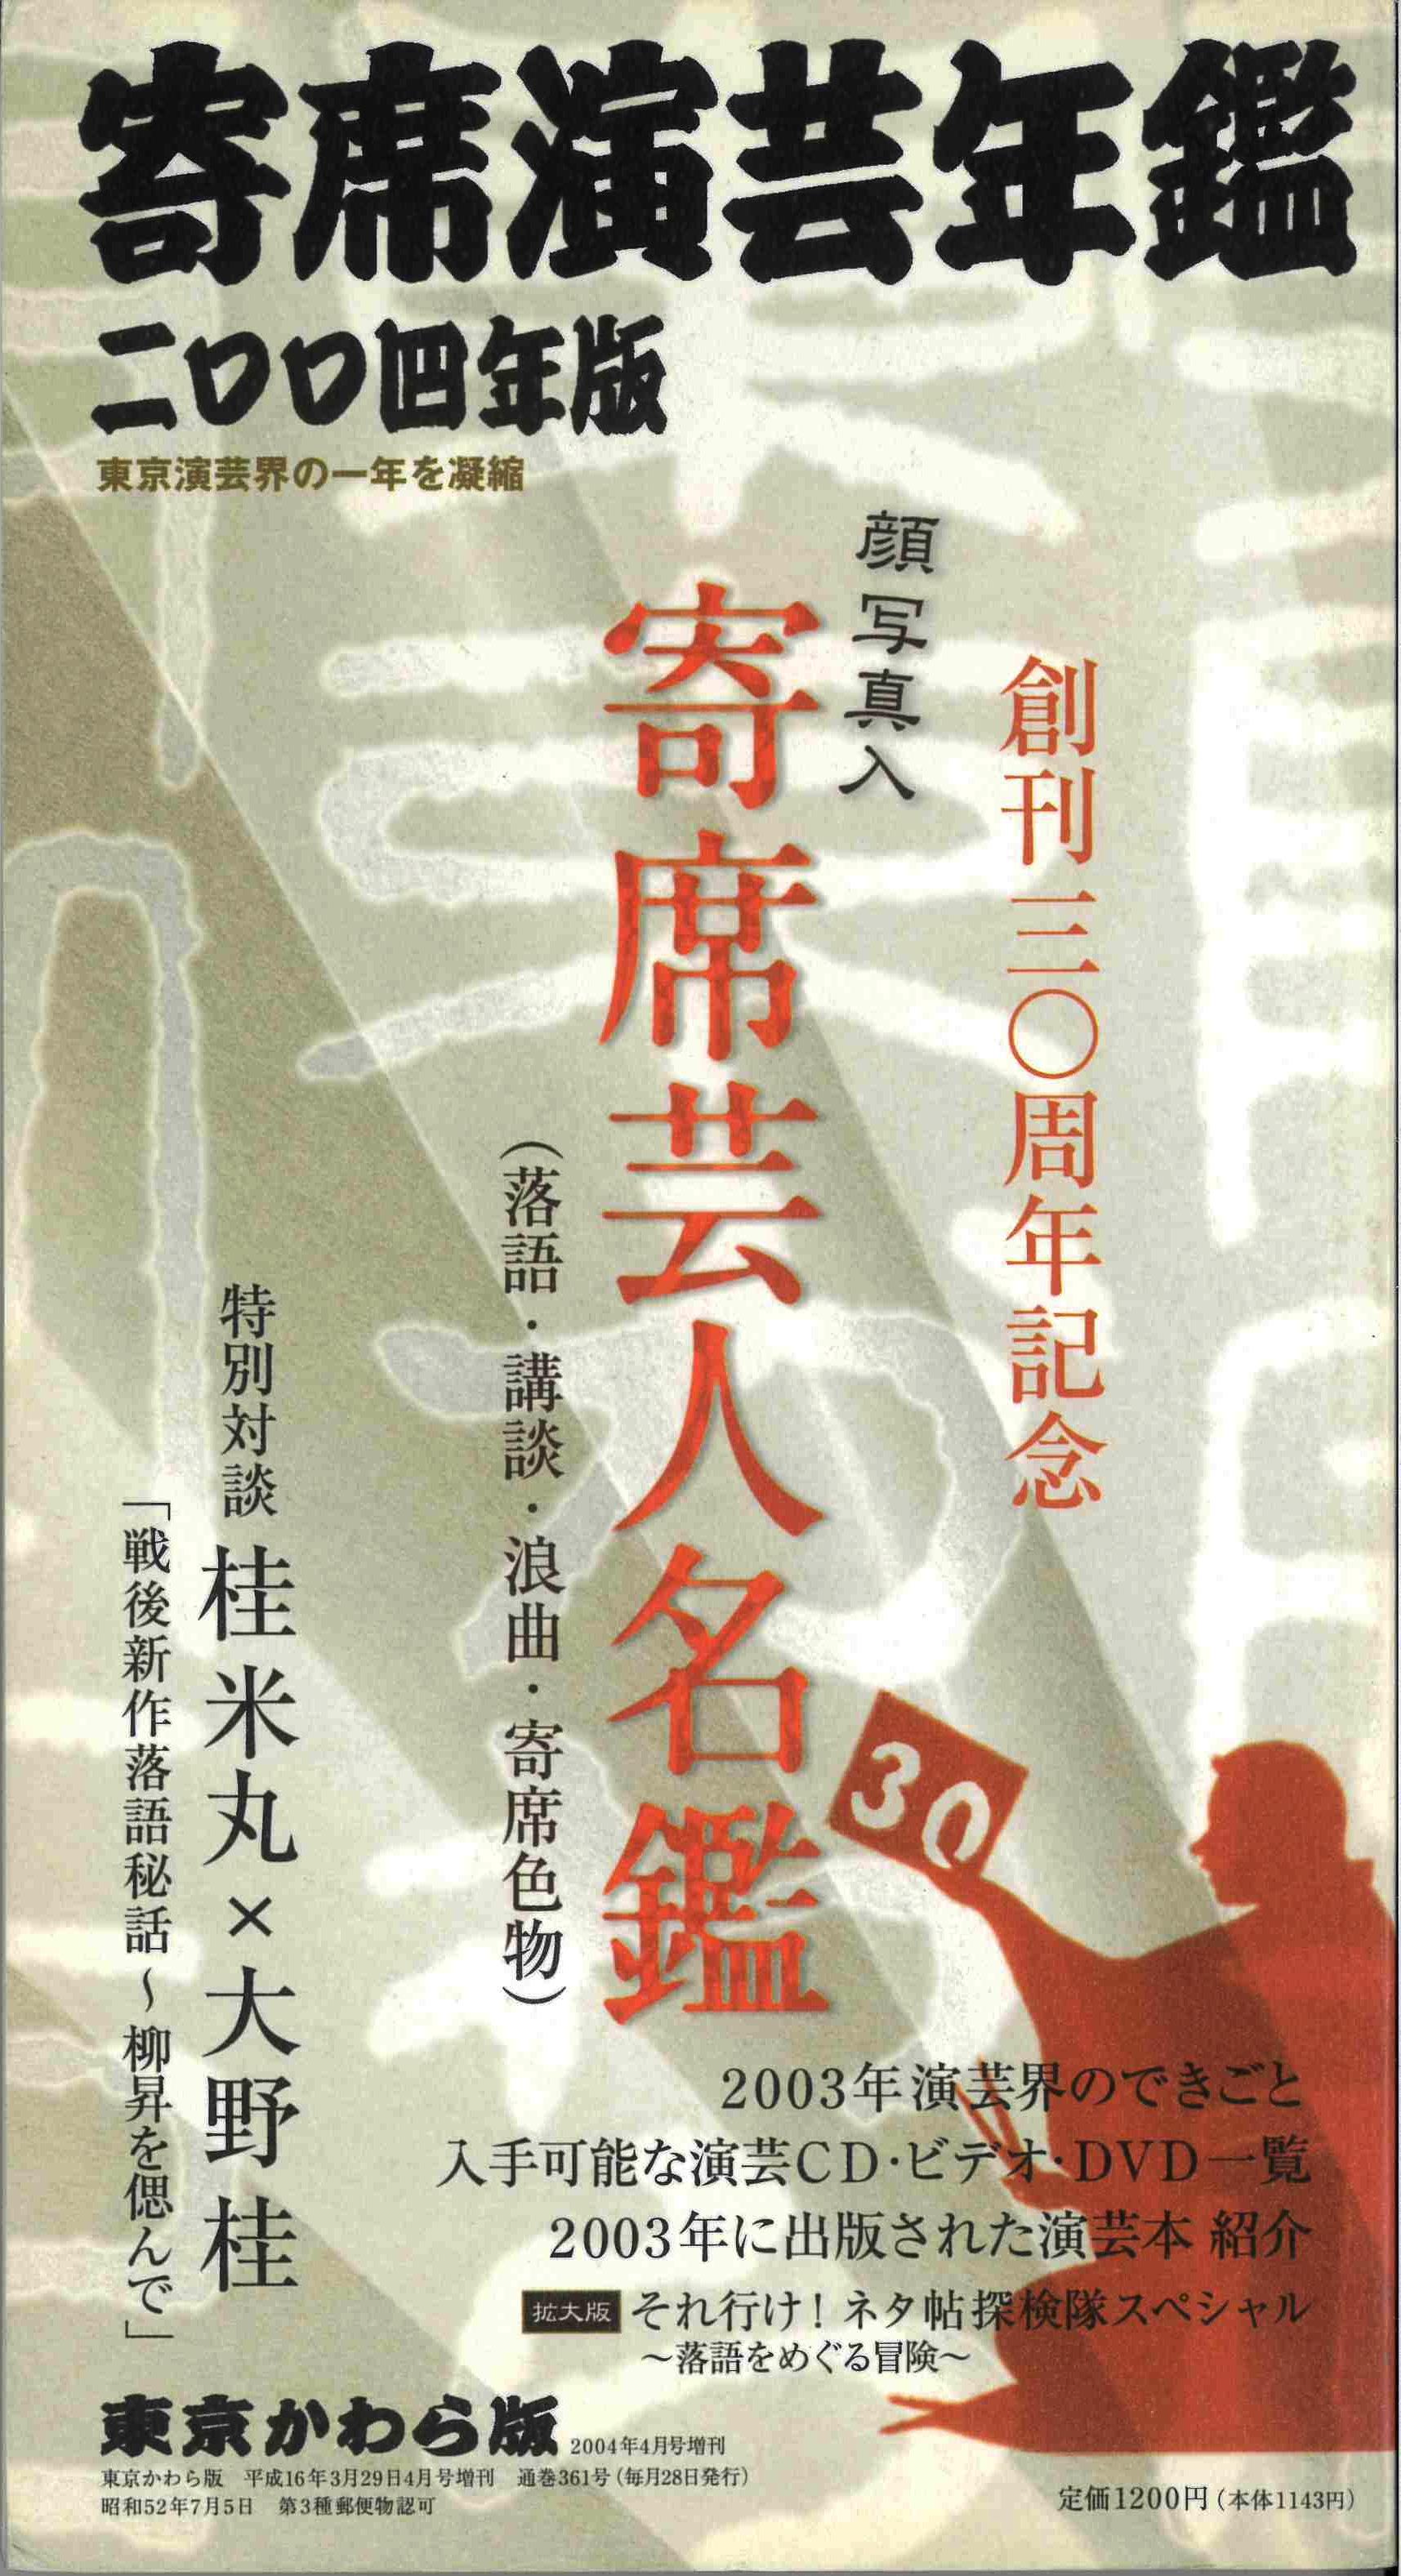 【完売御礼】寄席演芸年鑑 2004年版+寄席芸人名鑑 2004年版